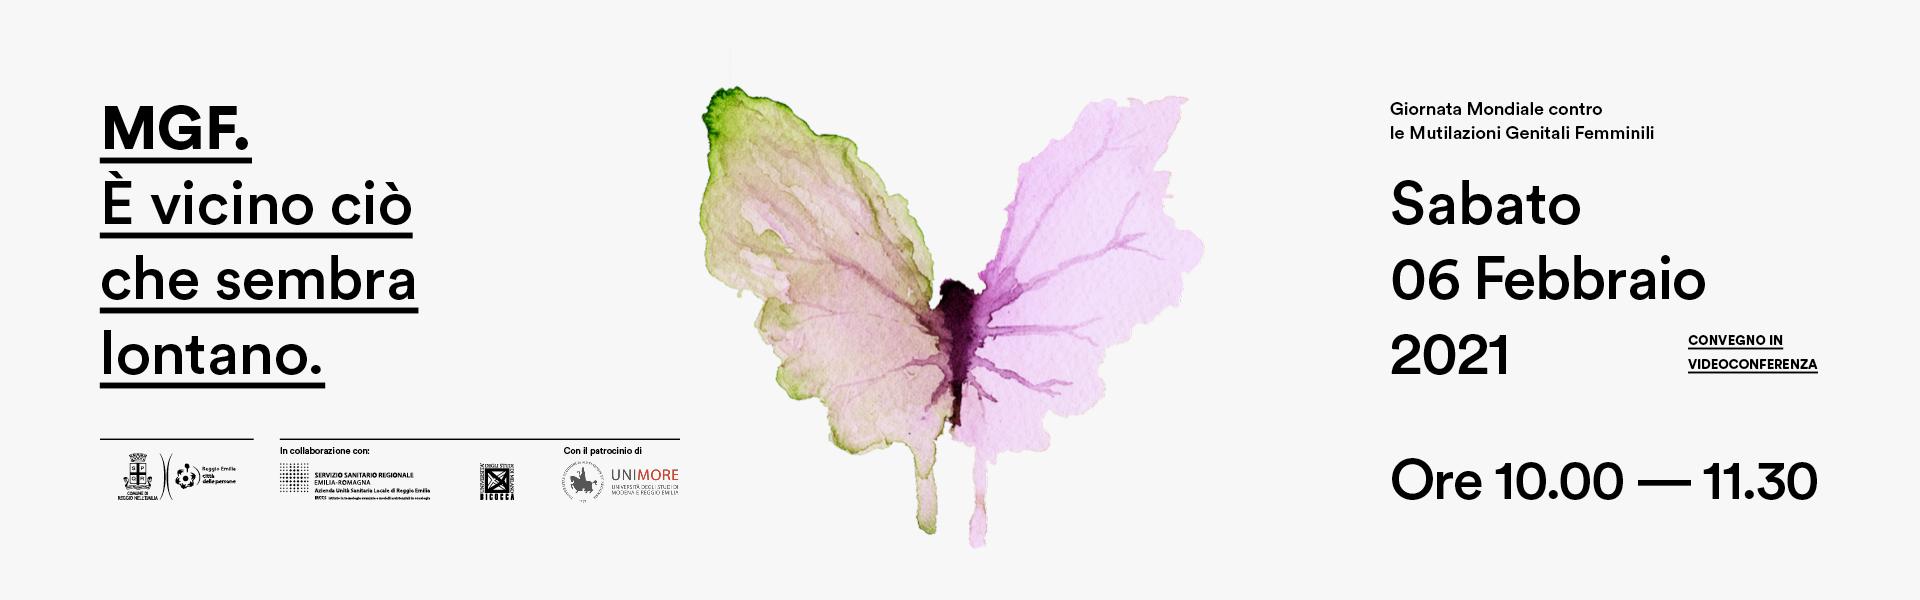 Giornata Mondiale contro le Mutilazioni Genitali Femminili – SABATO 6 FEBBRAIO 2021